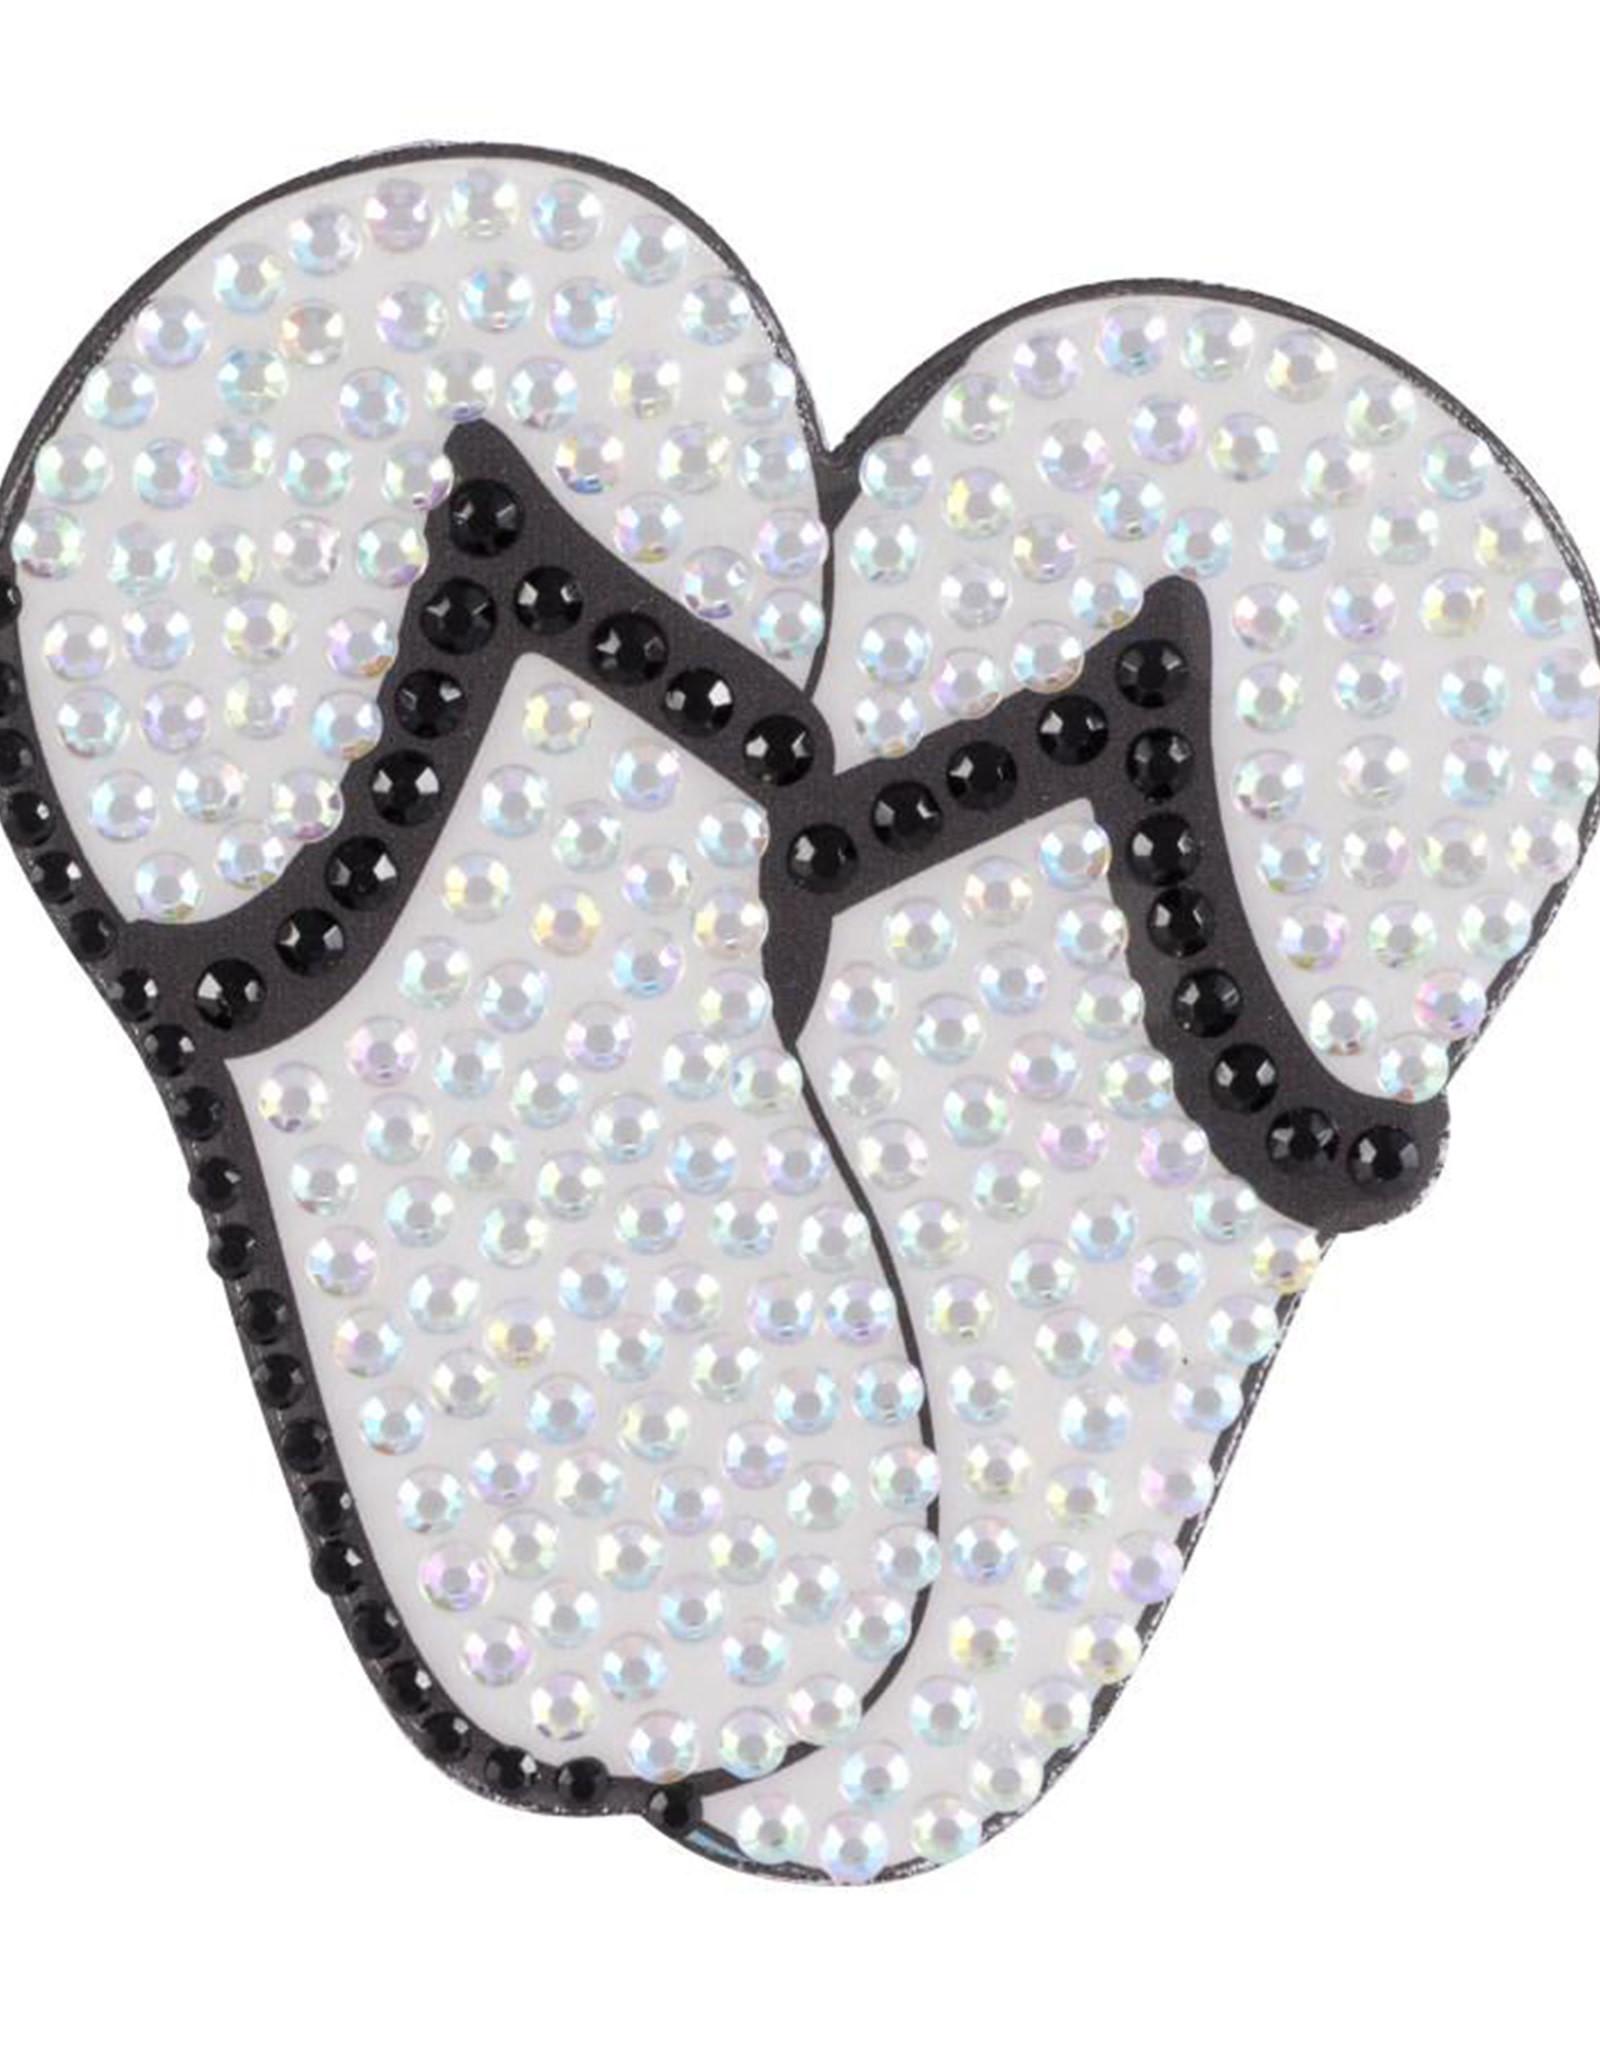 Sticker Beans Sticker Beans Black Flip Flops